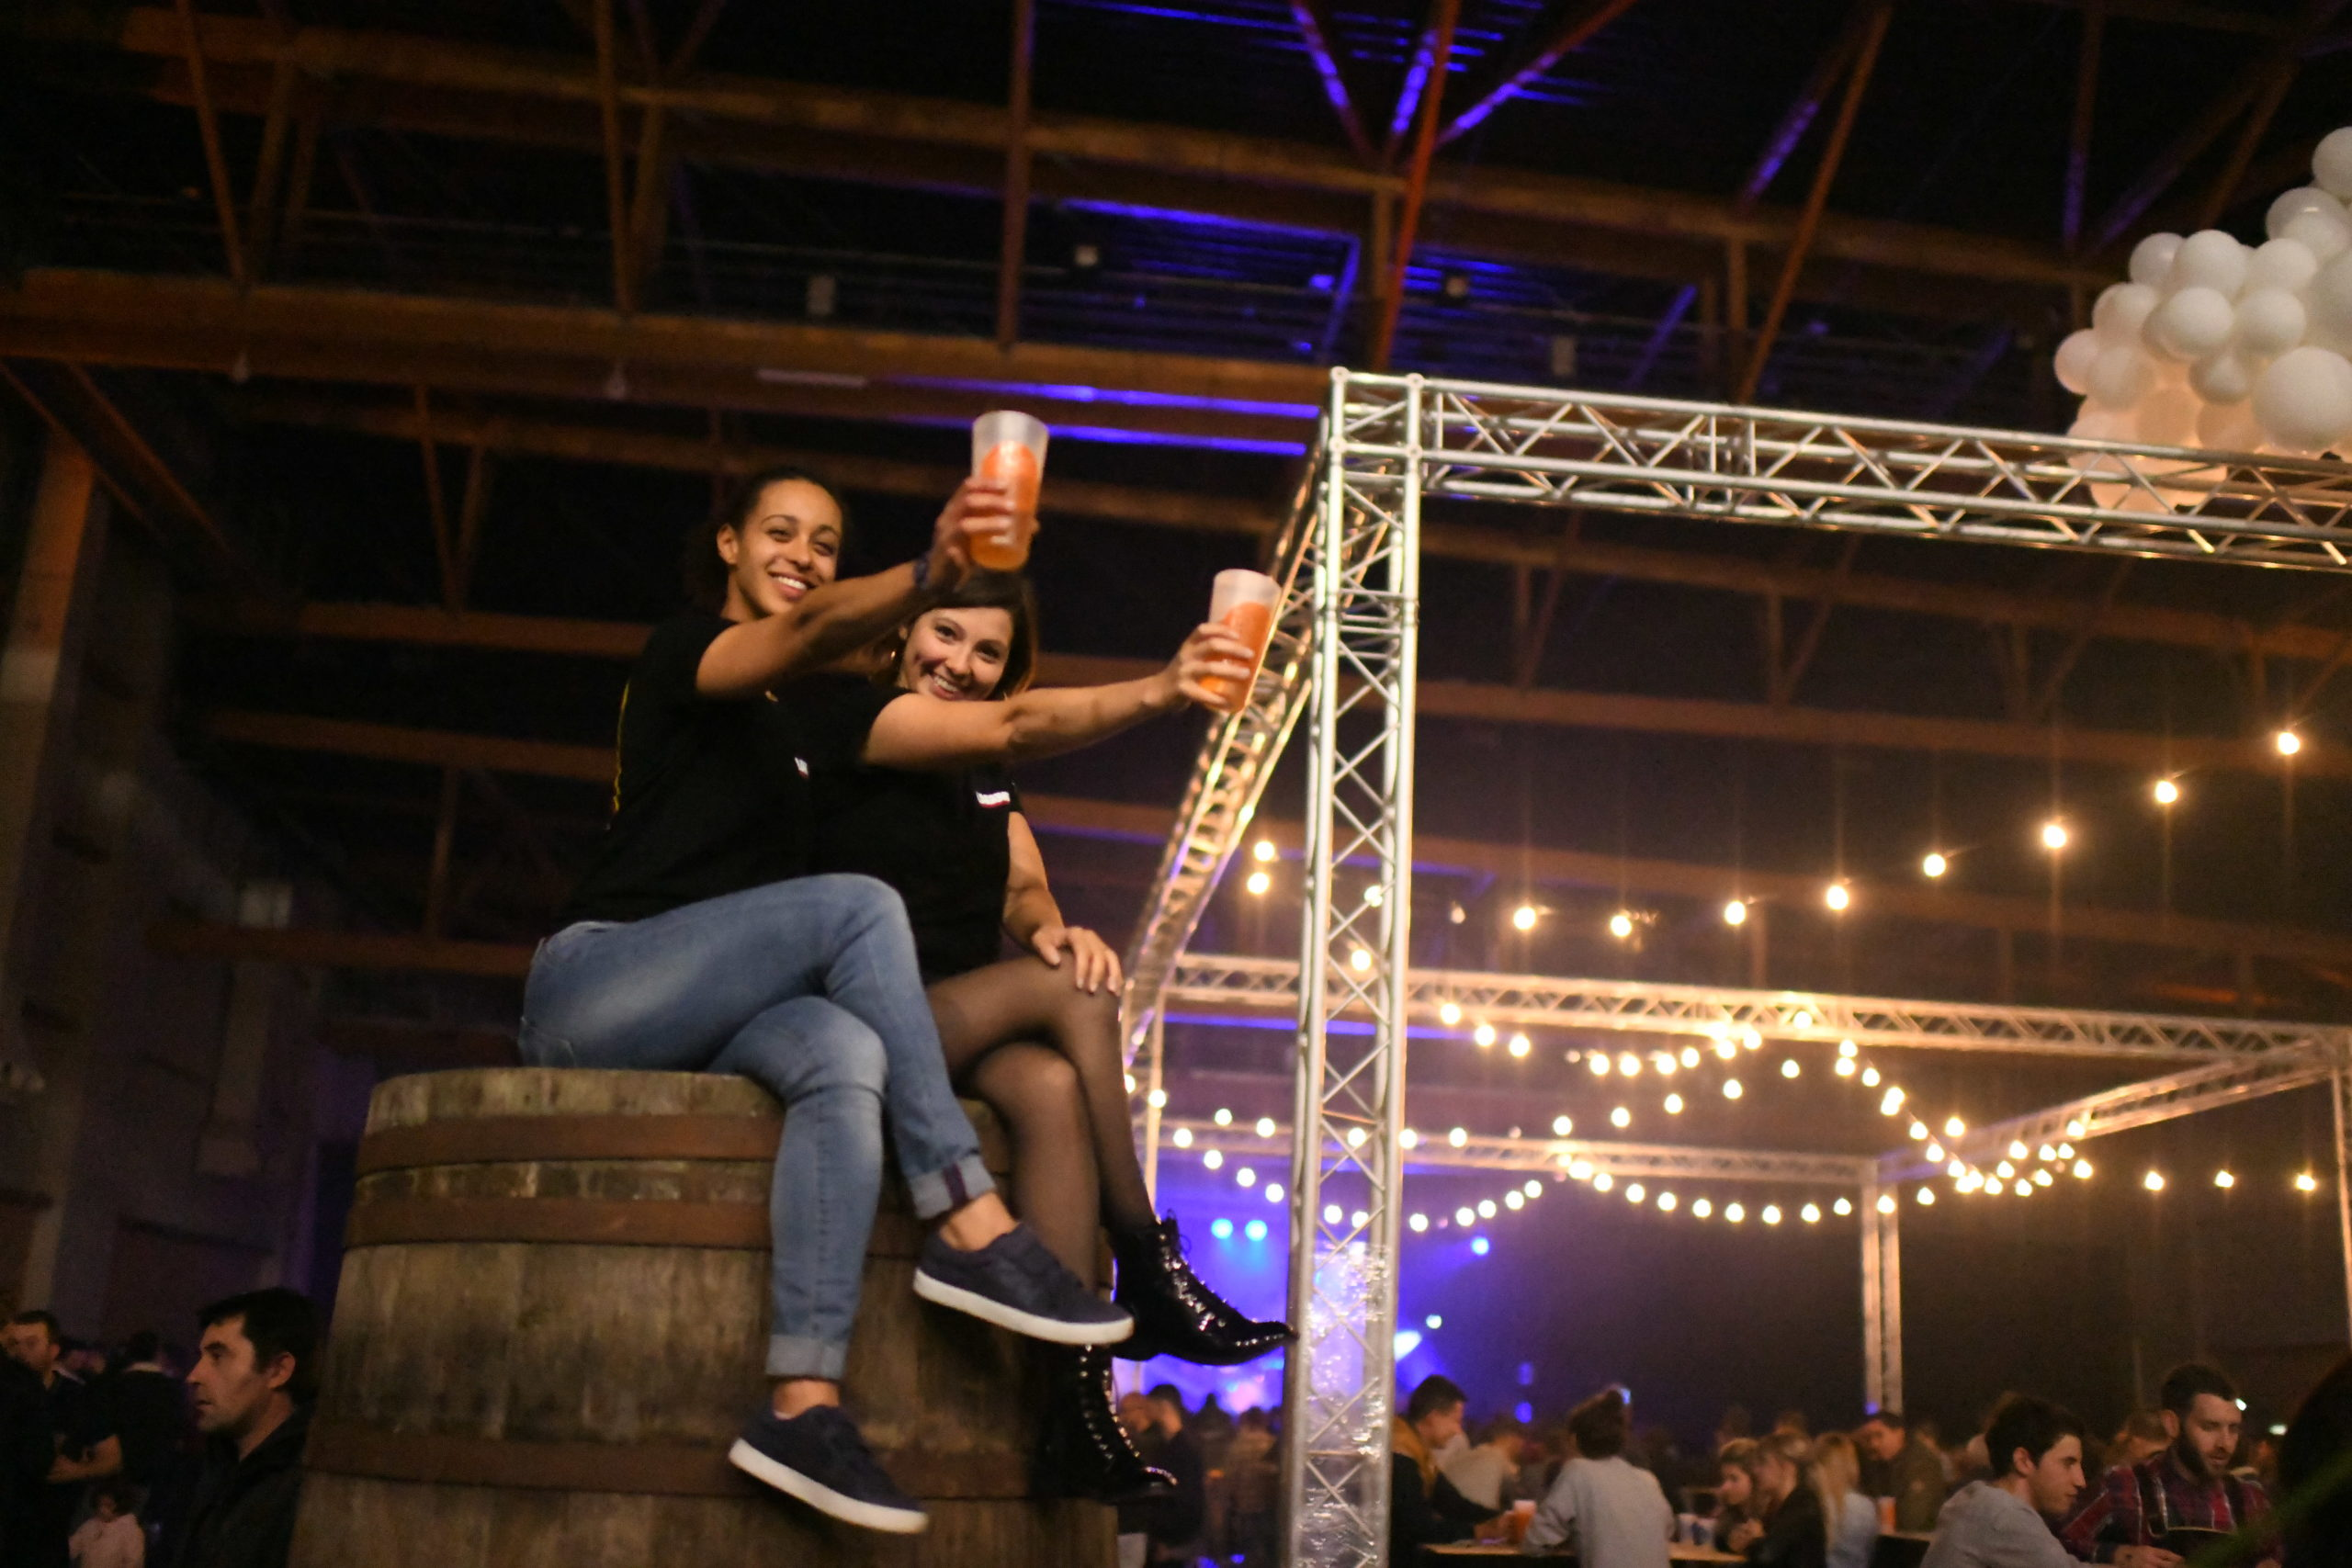 Evénement du Festival de la Bière au parc des expositions de Penvillers à Quimper par l'agence évènementielle Kap West Events.